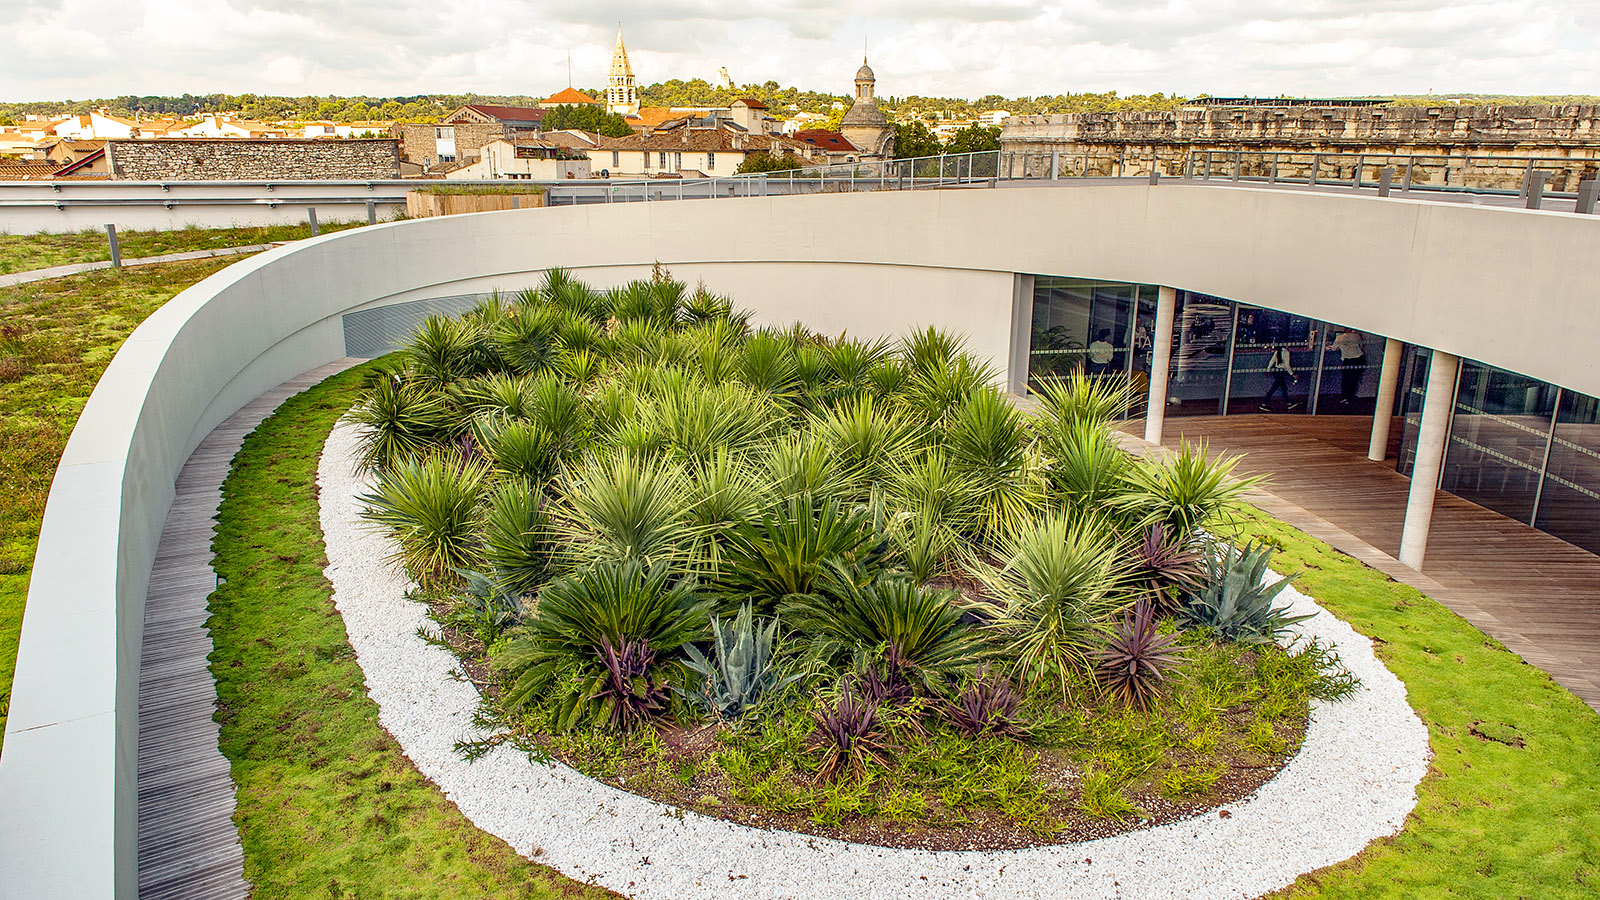 Nîmes: Dachgarten des Musée de la Romanité. Foto. Hilke Maunder